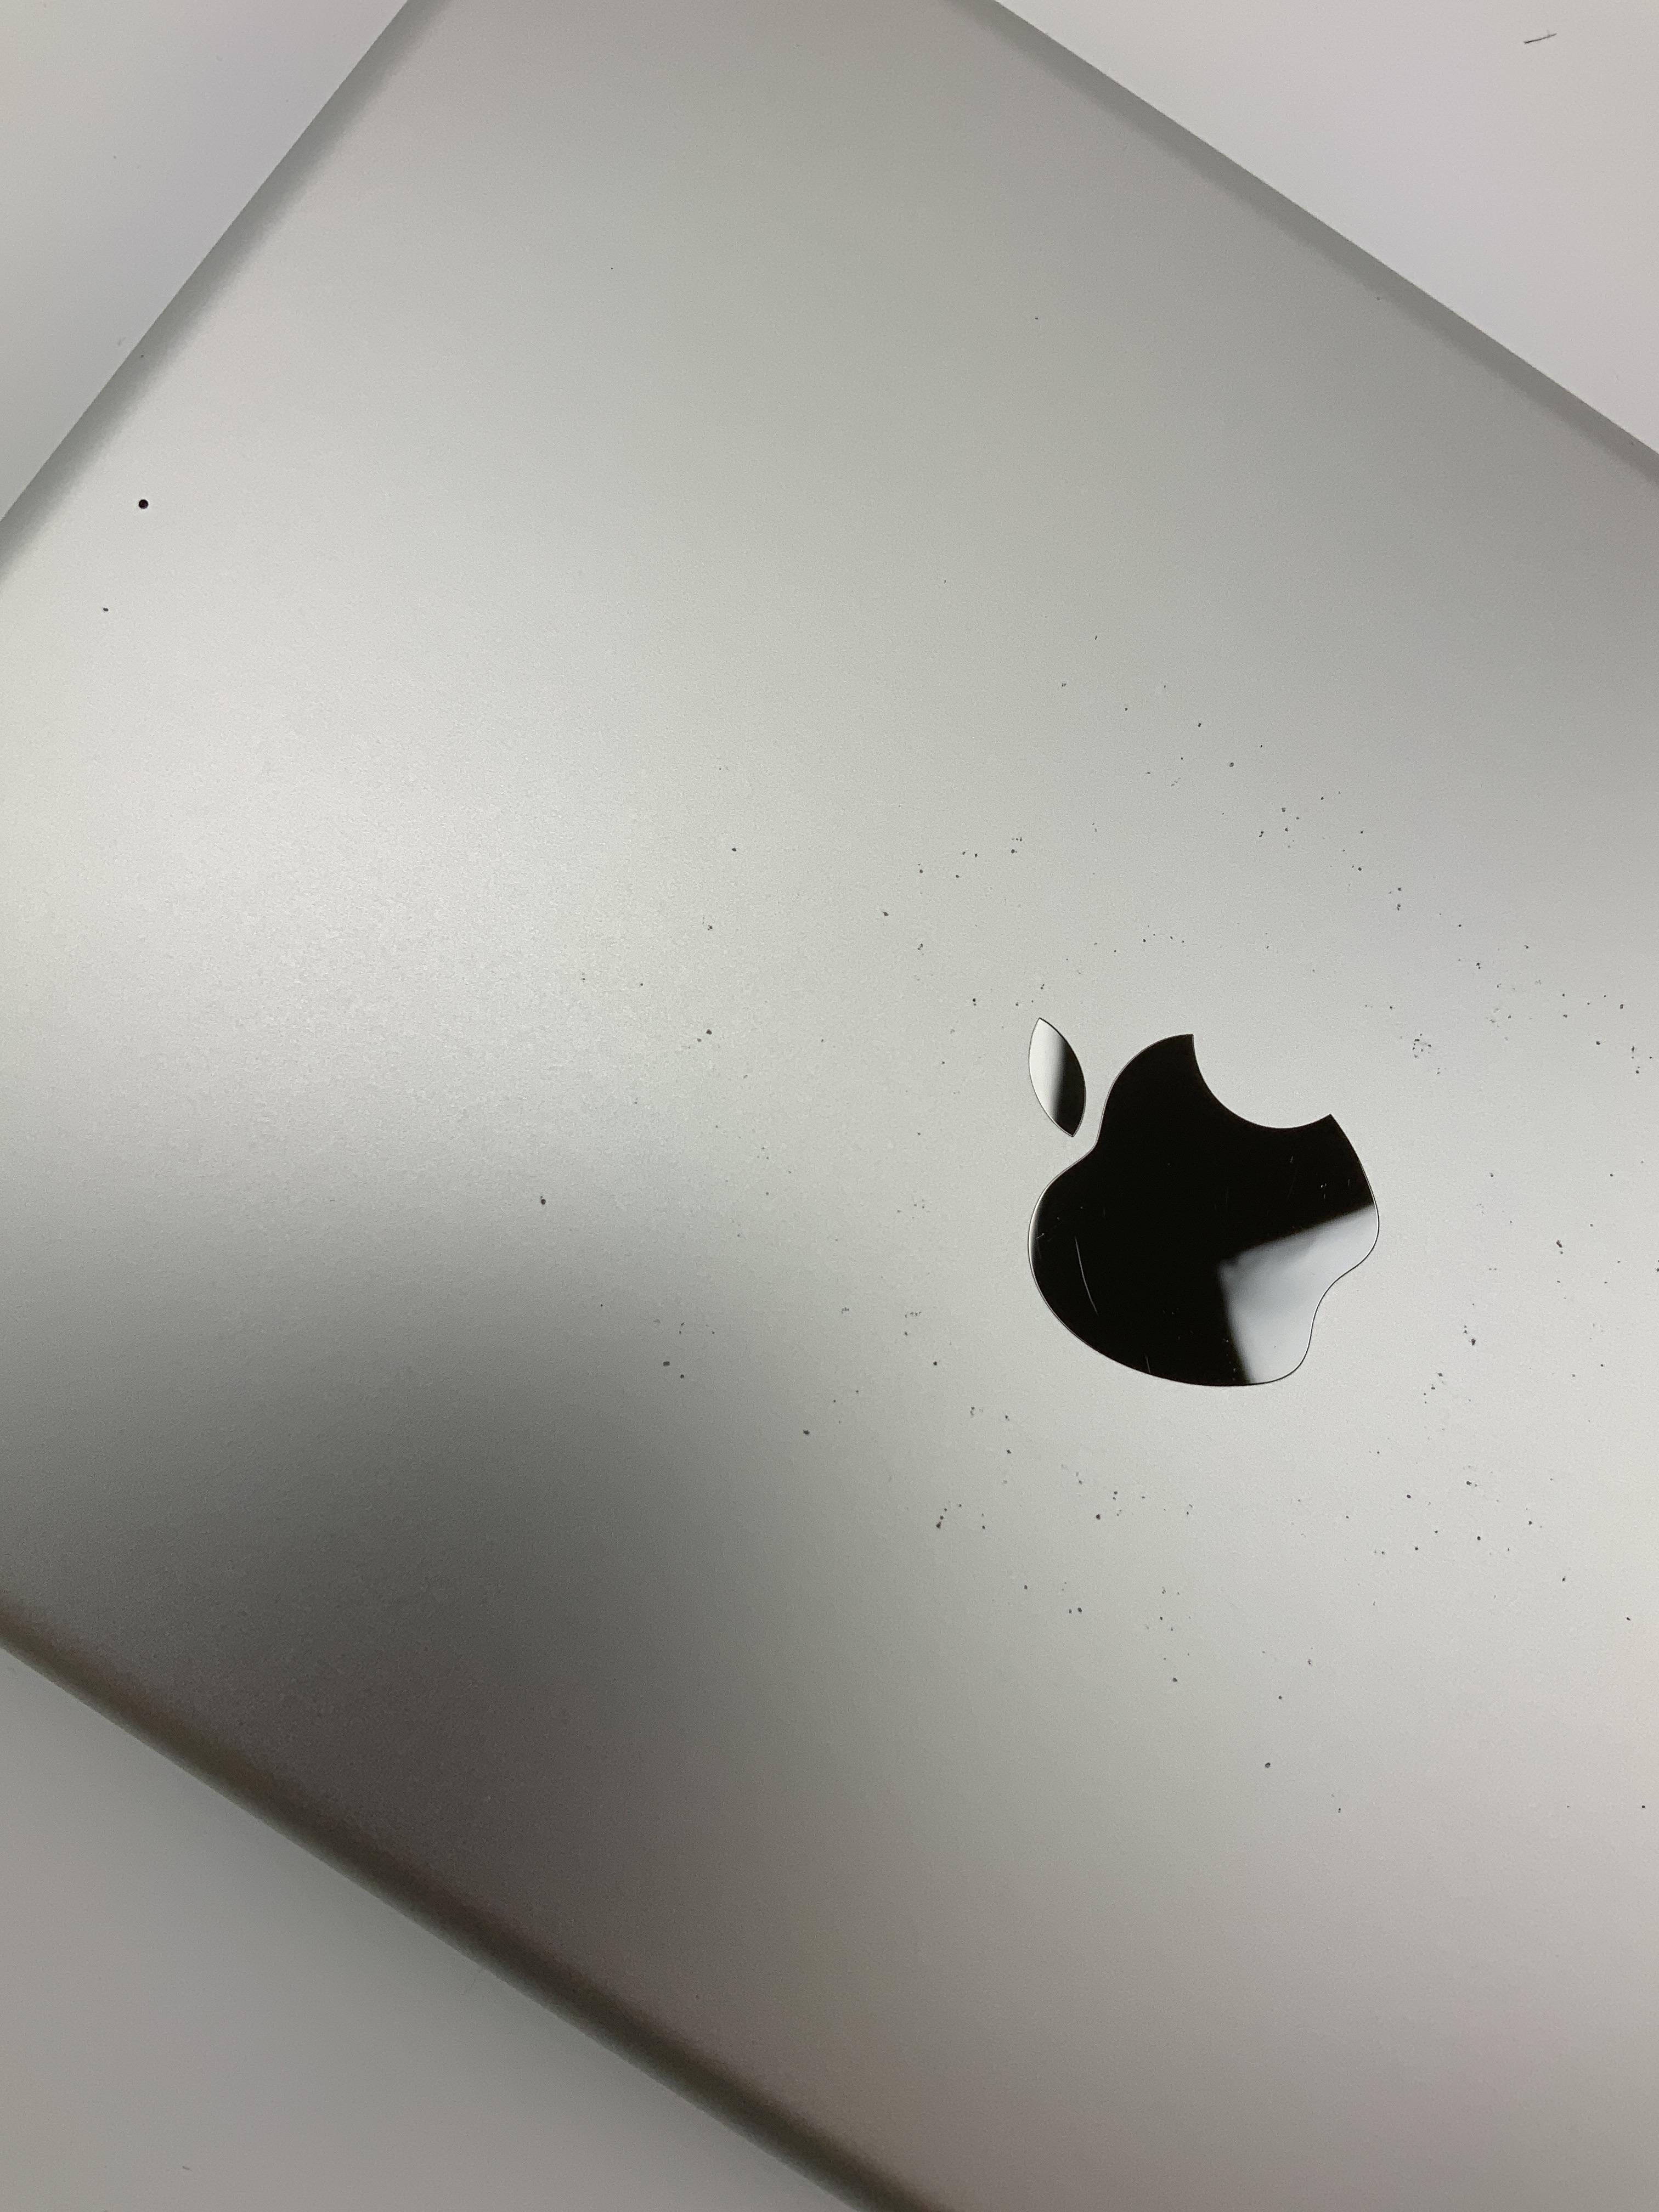 iPad 5 Wi-Fi 128GB, 128GB, Silver, bild 3